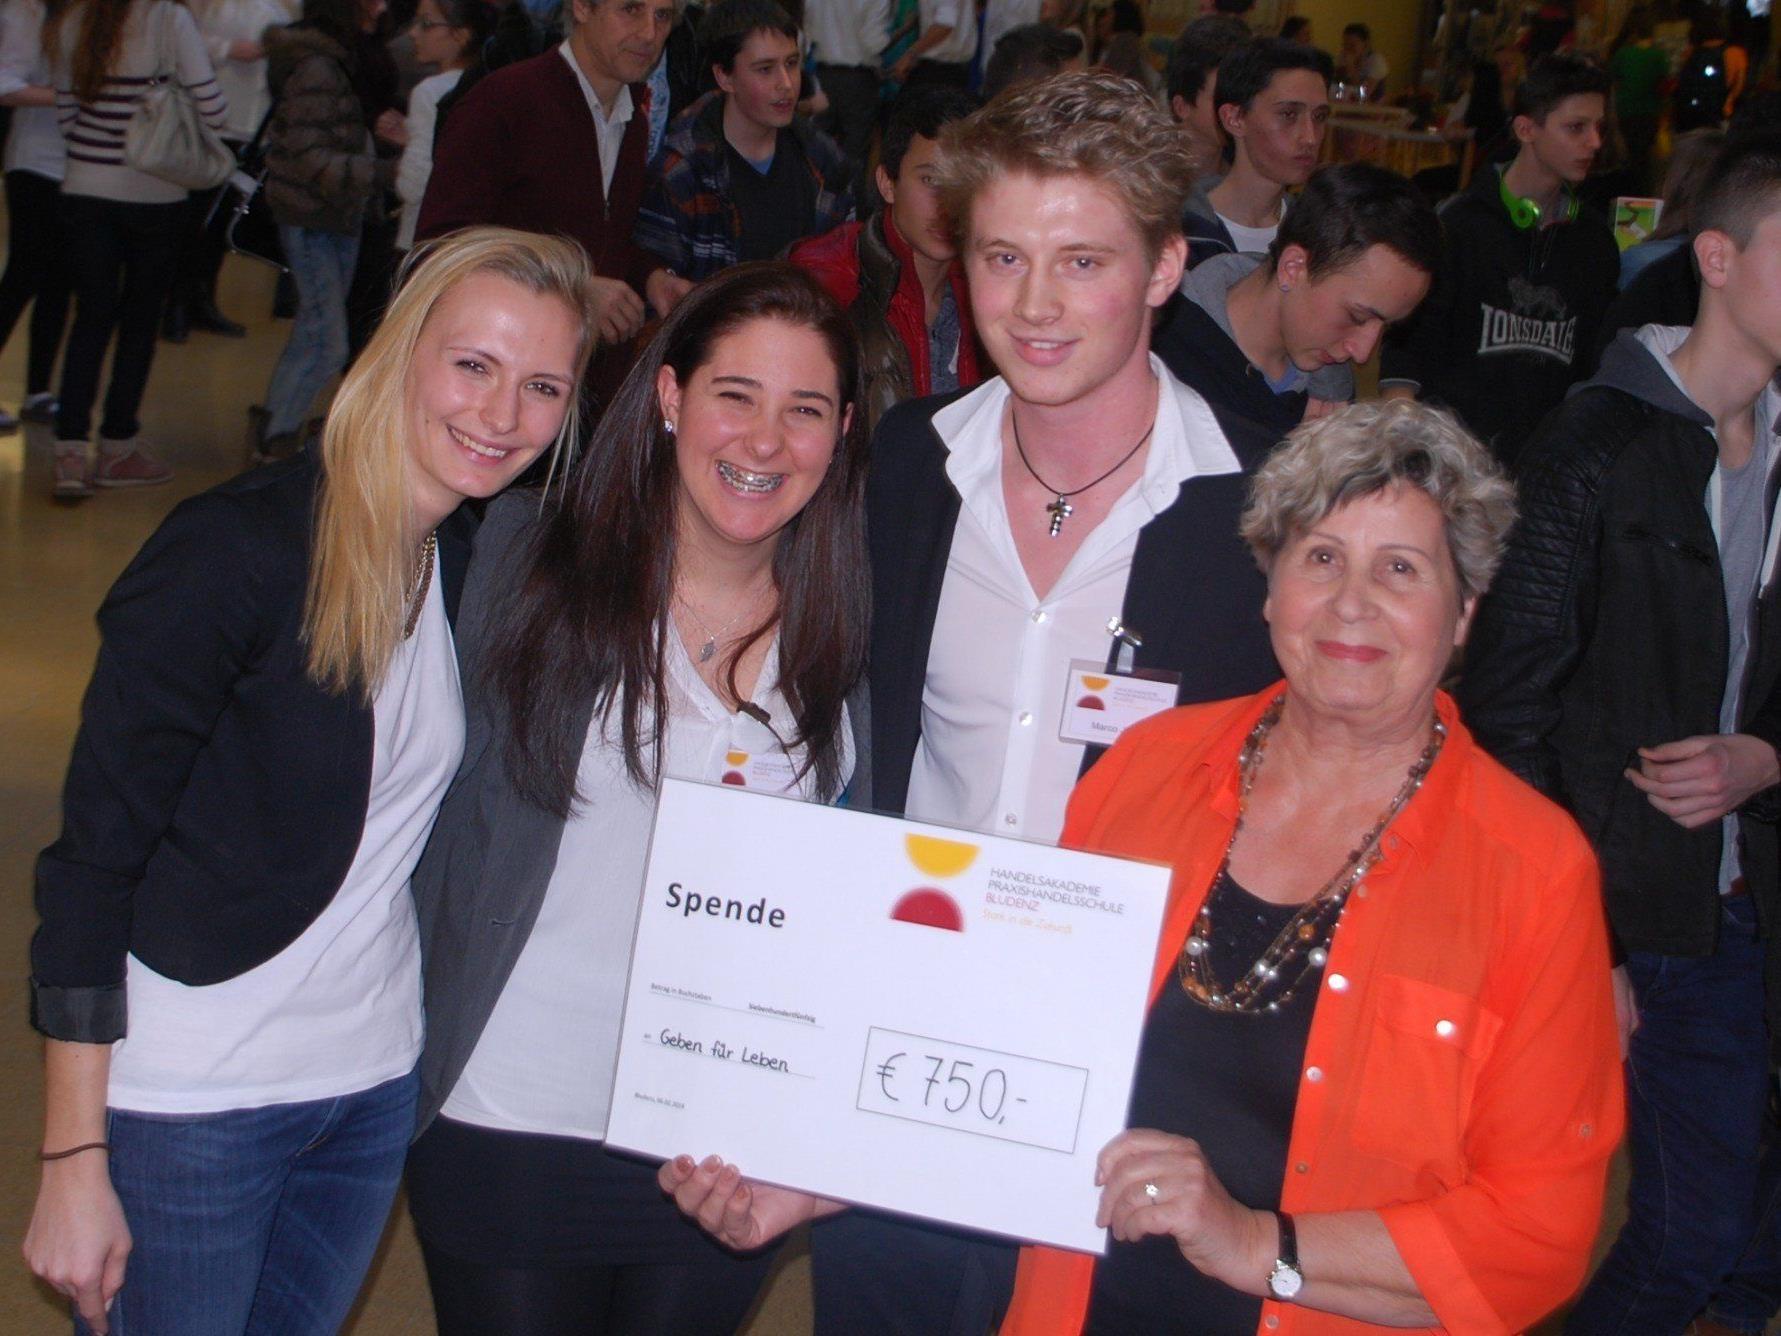 Der Verein Geben für Leben erhielt eine Spende von 750 Euro von den Schülern der HAS Bludenz.